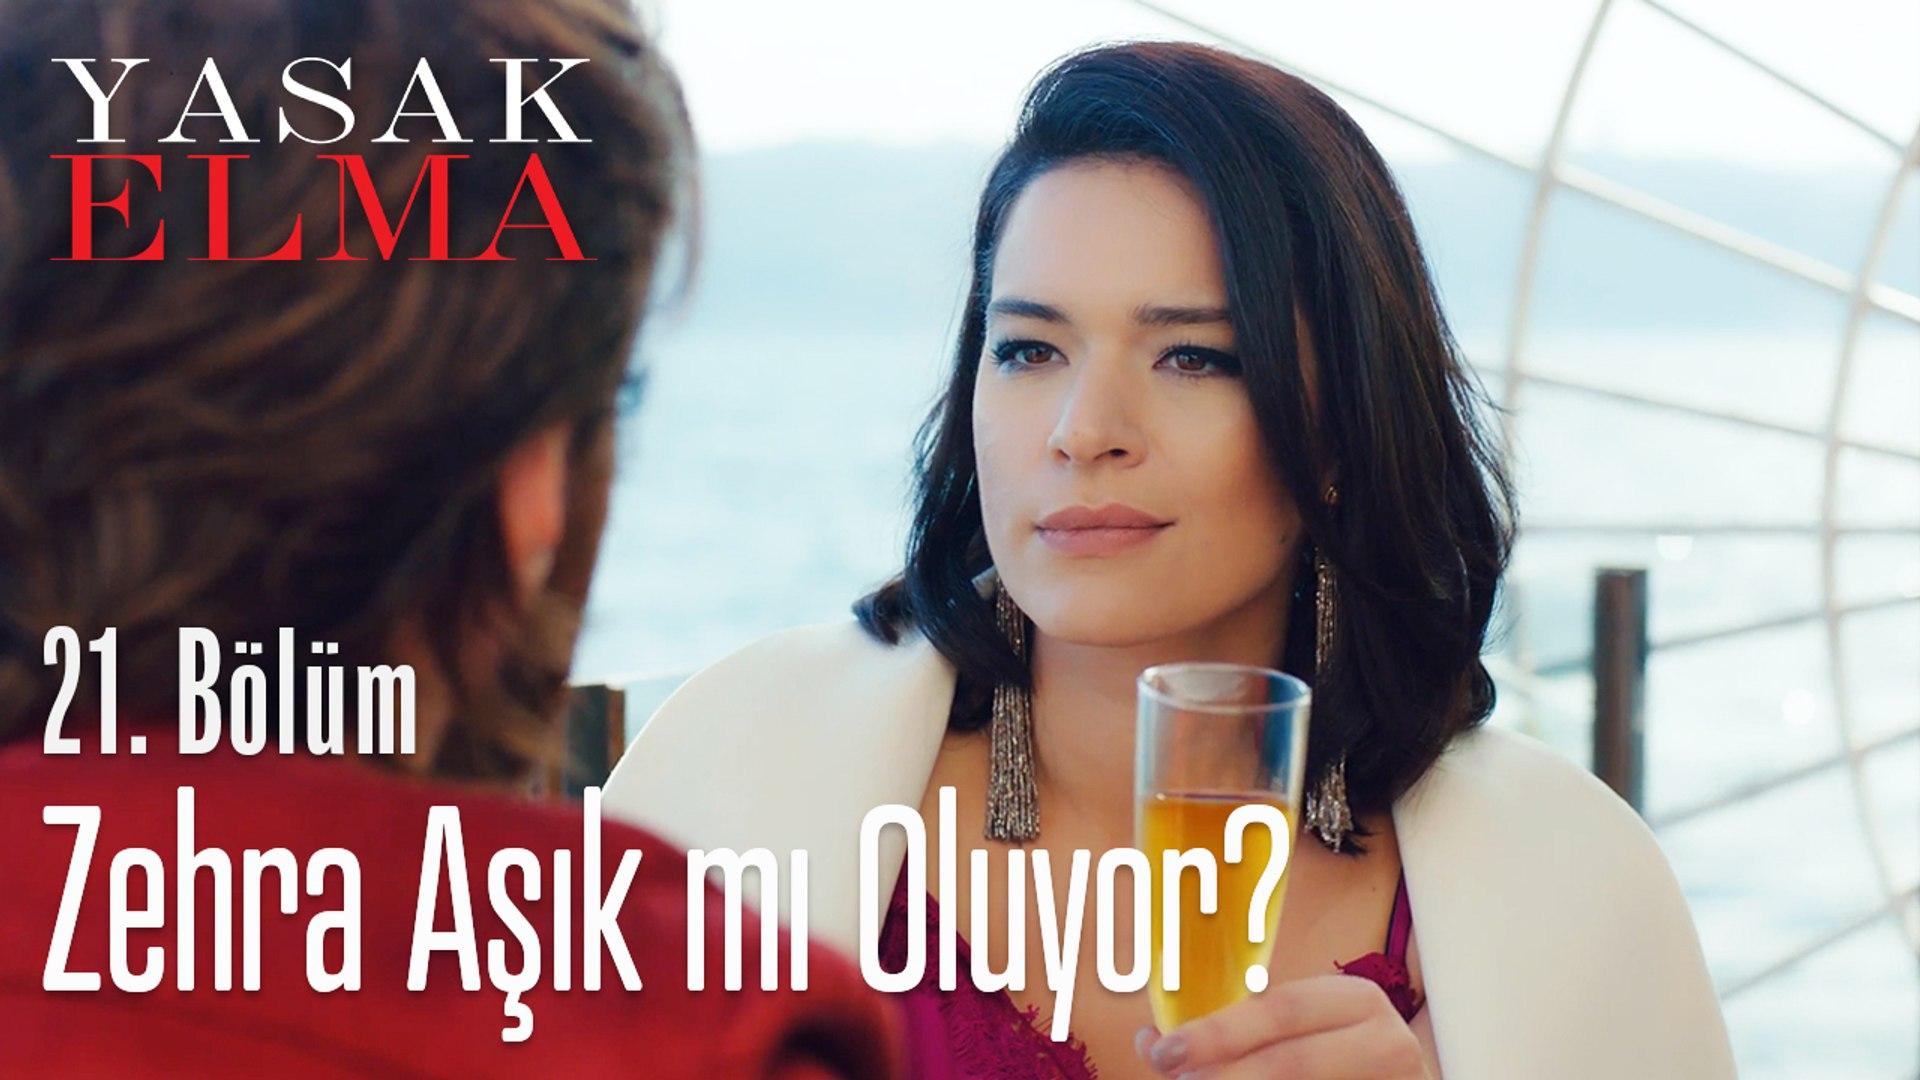 Kemal ve Zehra arasında neler oluyor? - Yasak Elma 21. Bölüm